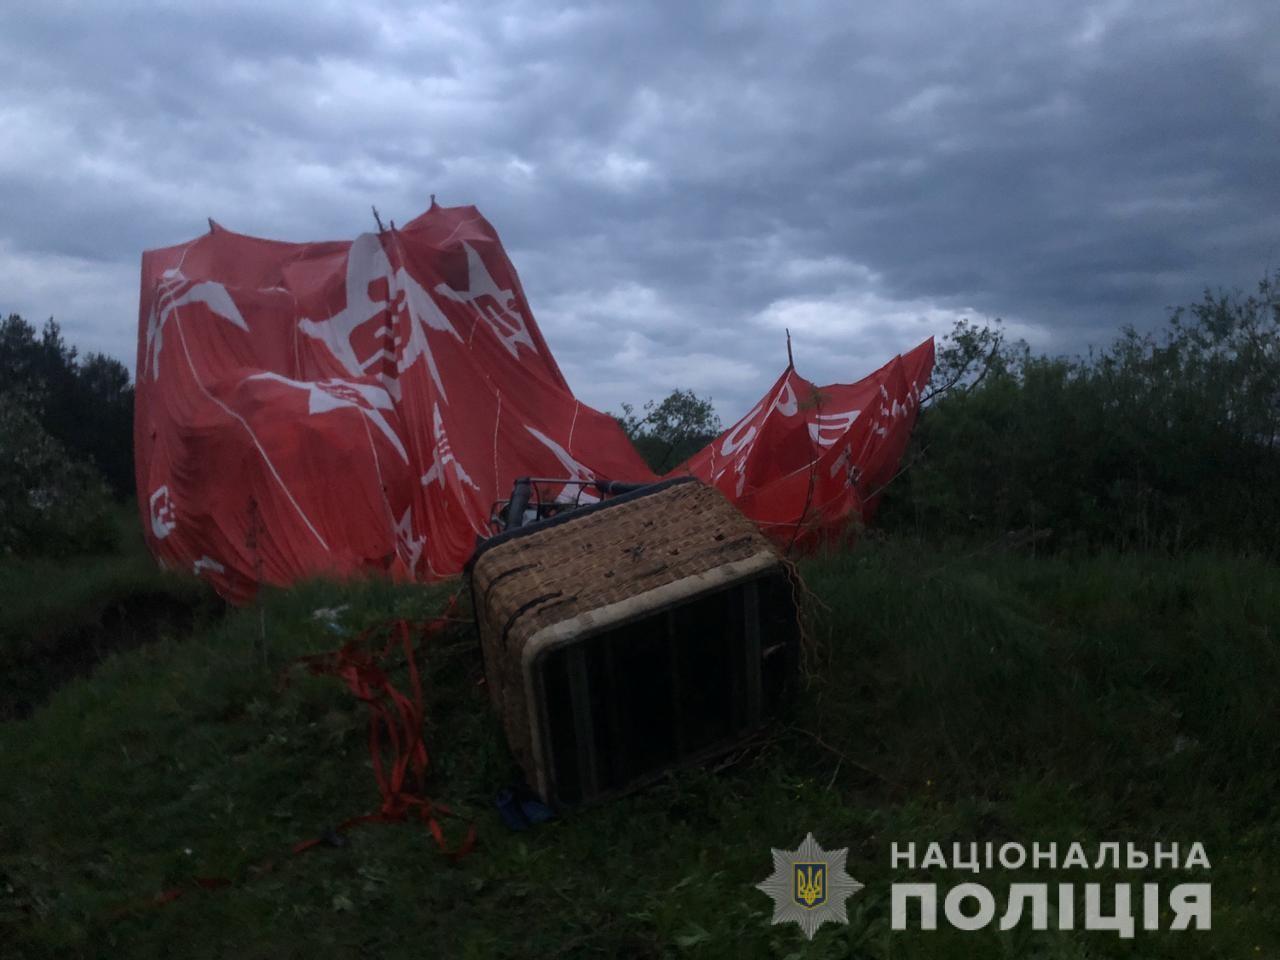 Фестиваль повітряних куль у Кам'янці-Подільському закінчився трагедією: всі деталі НП